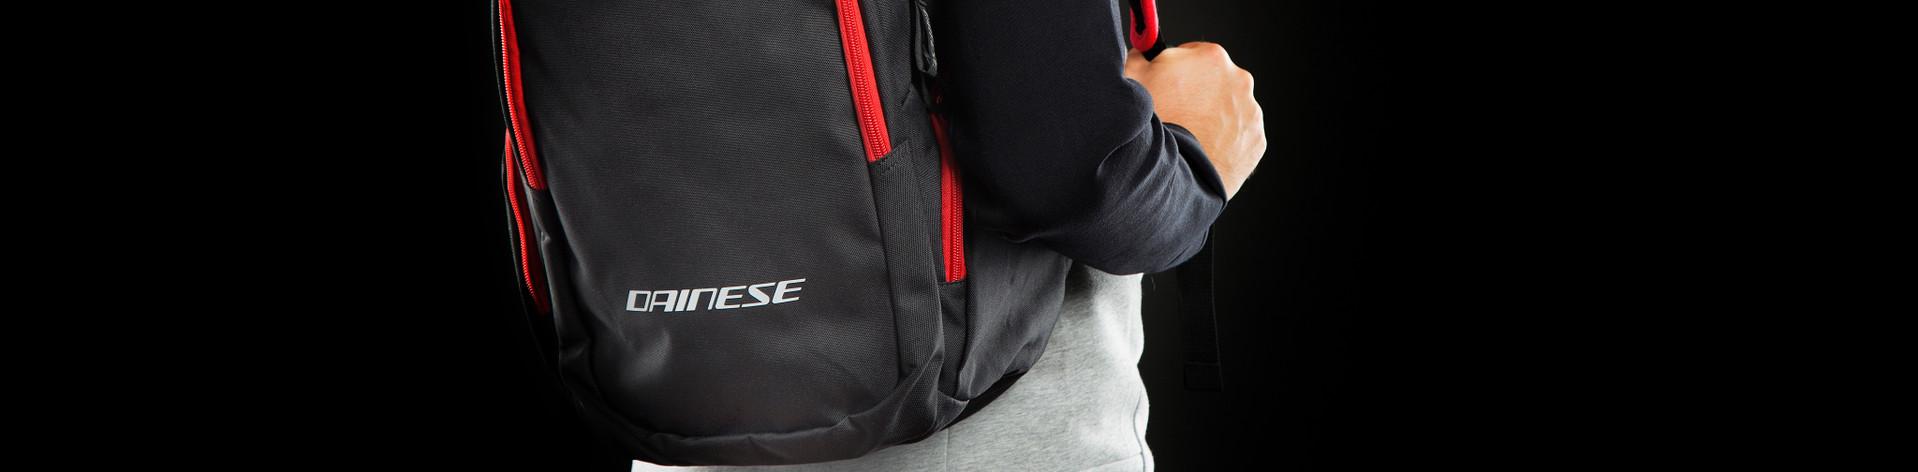 Dainese Motorbike Bags